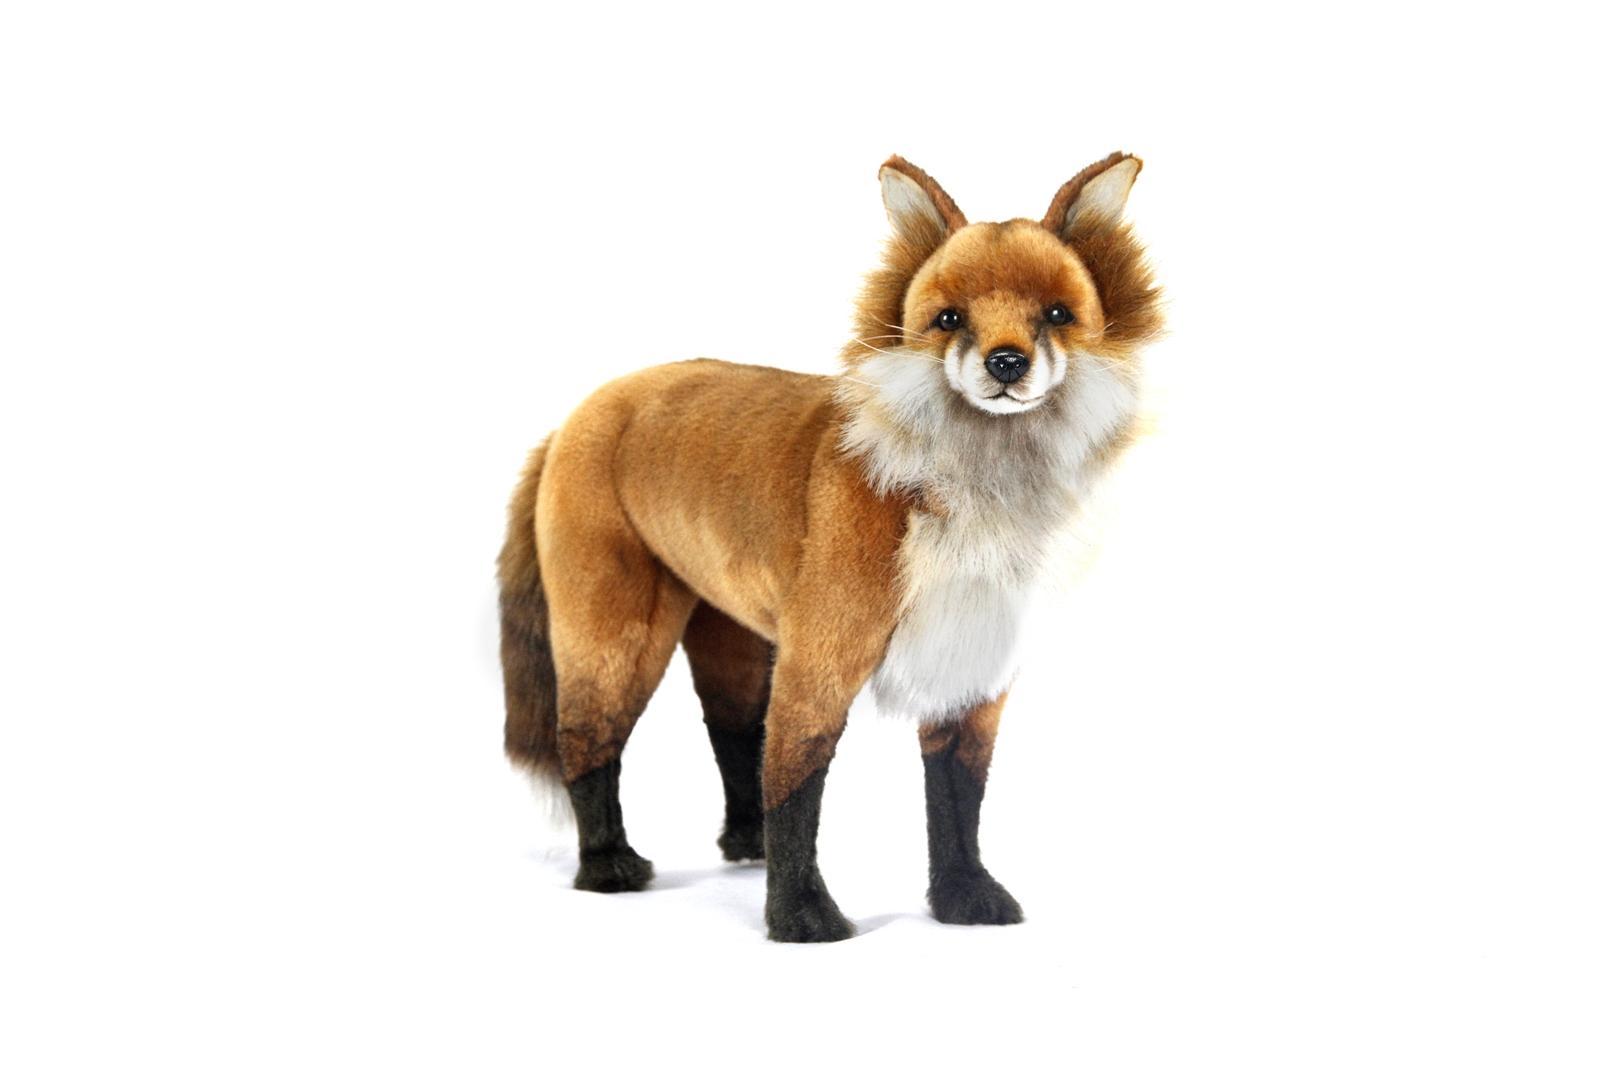 Мягкая игрушка - Рыжая лиса, 36 см.Дикие животные<br>Мягкая игрушка - Рыжая лиса, 36 см.<br>